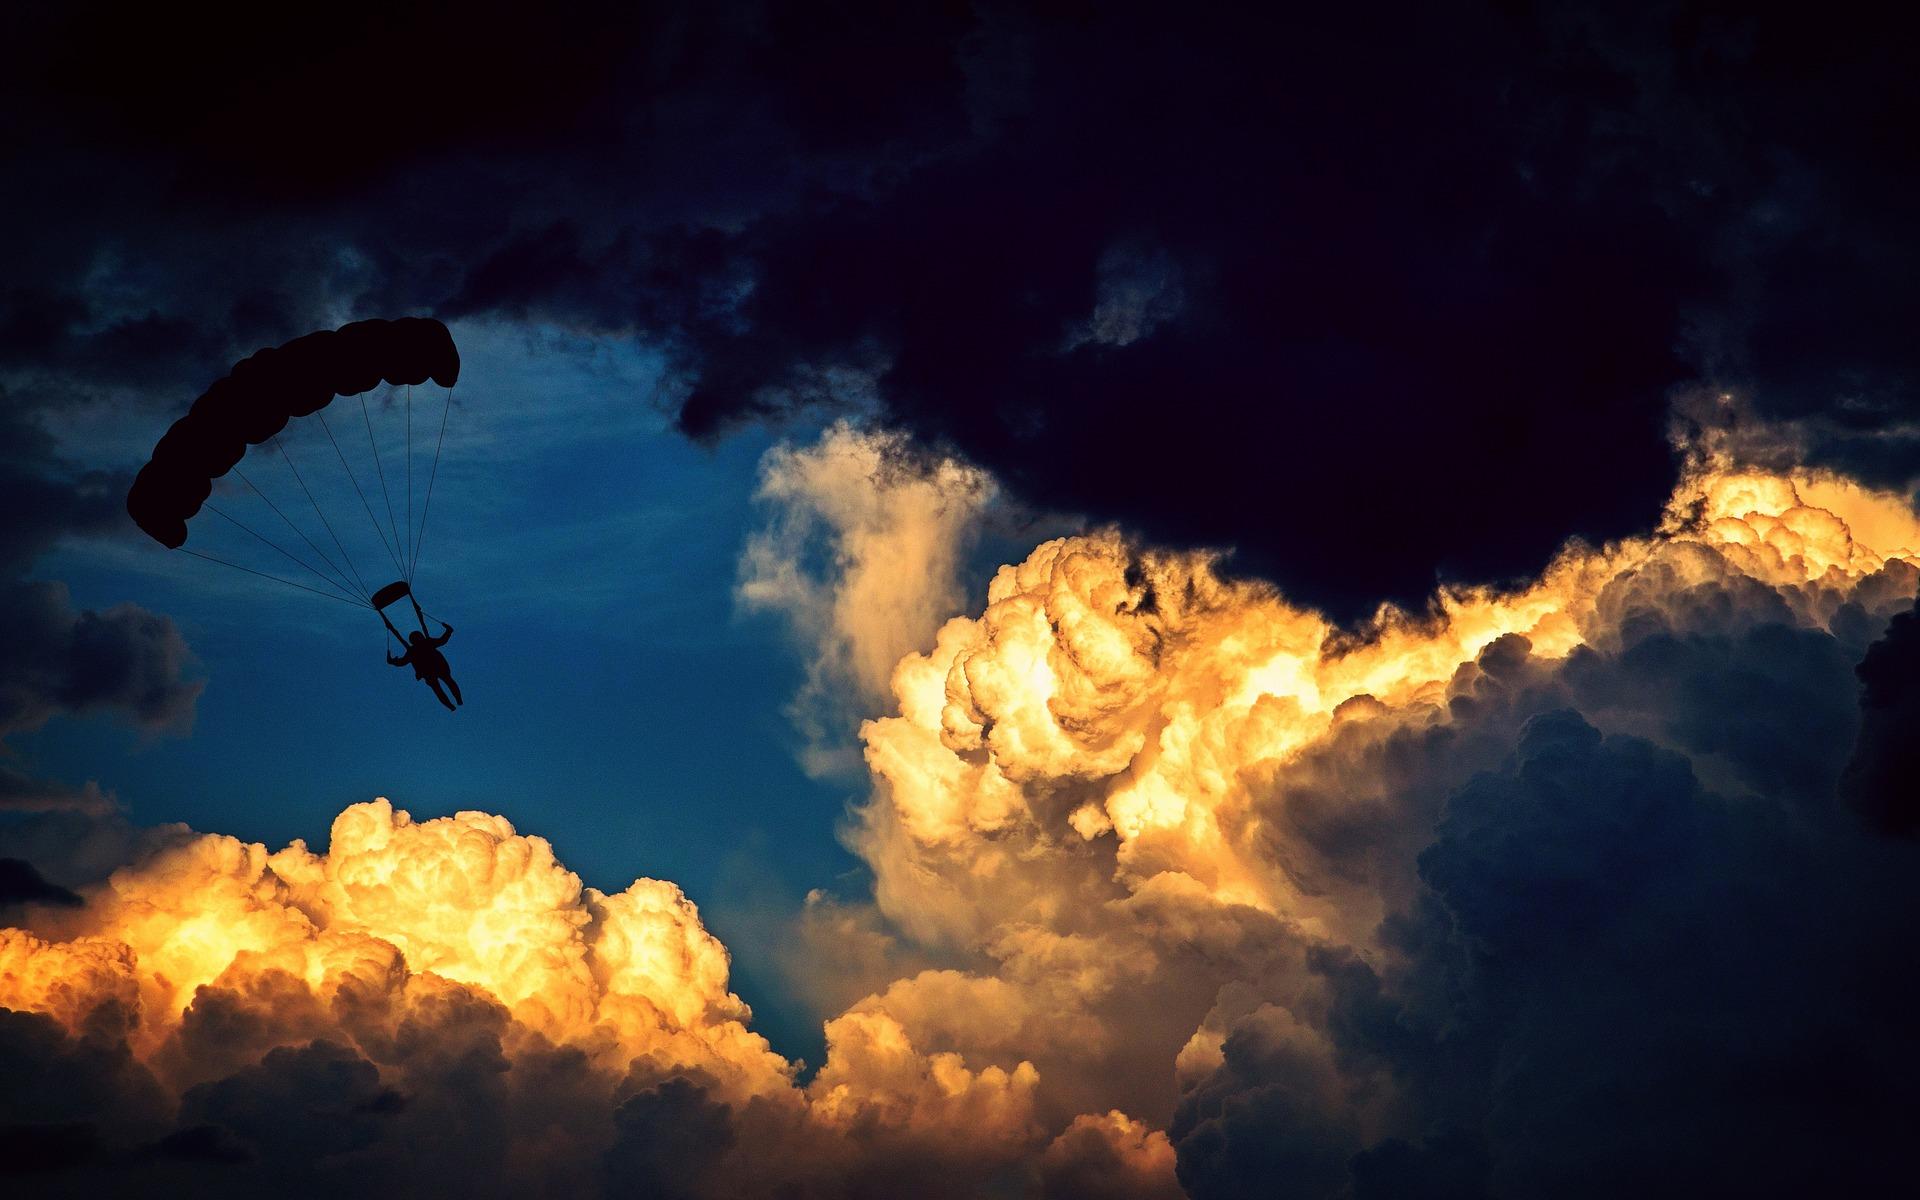 Parapente dans les nuages